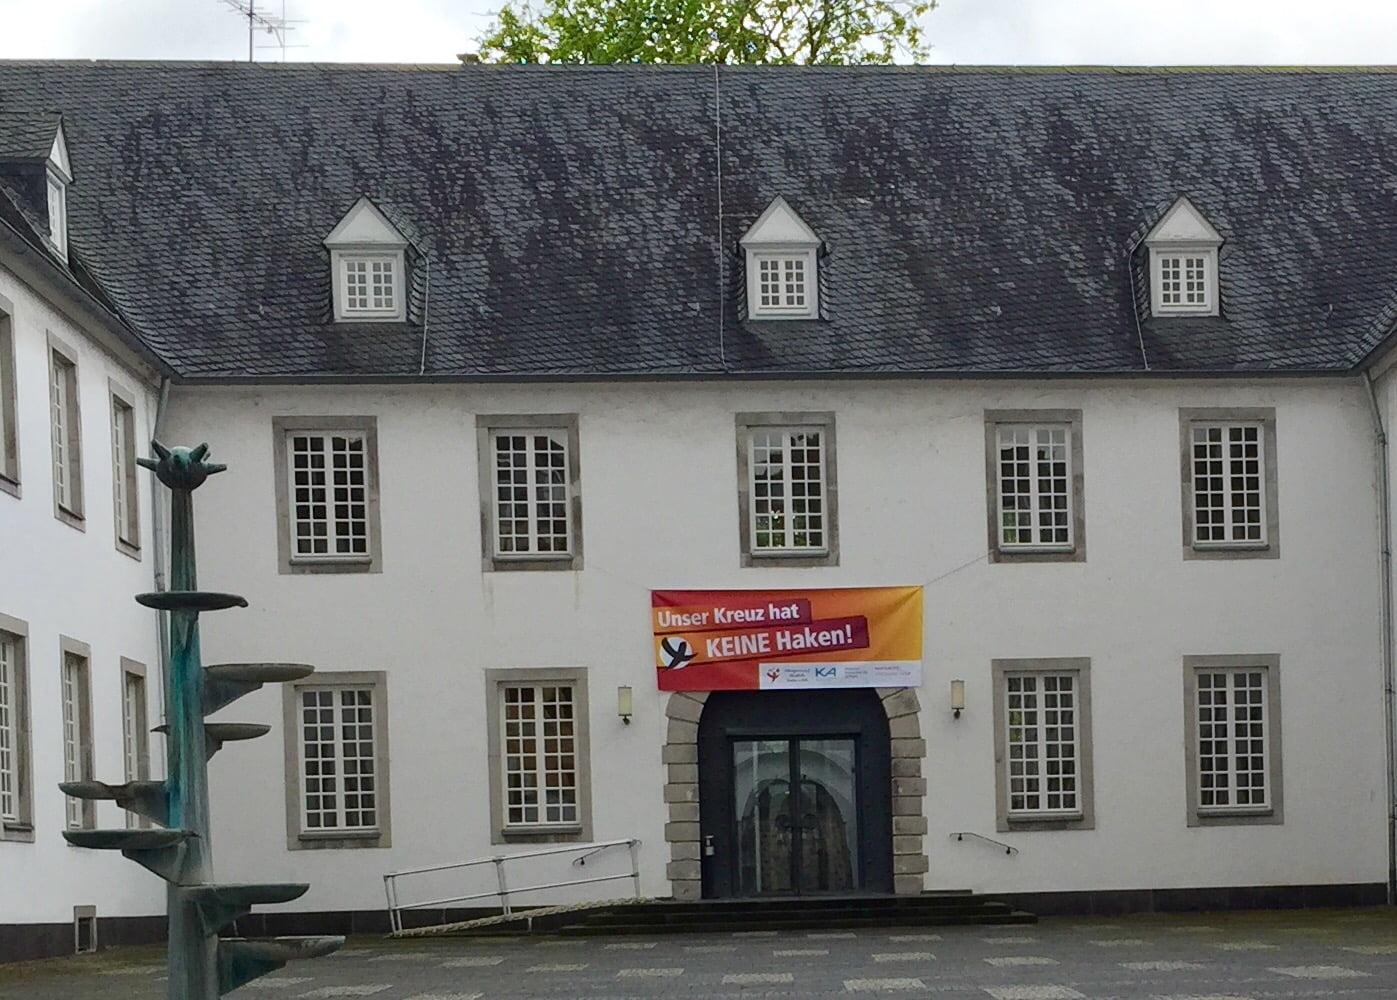 Haus der Evangelischen Kirche in eutschland